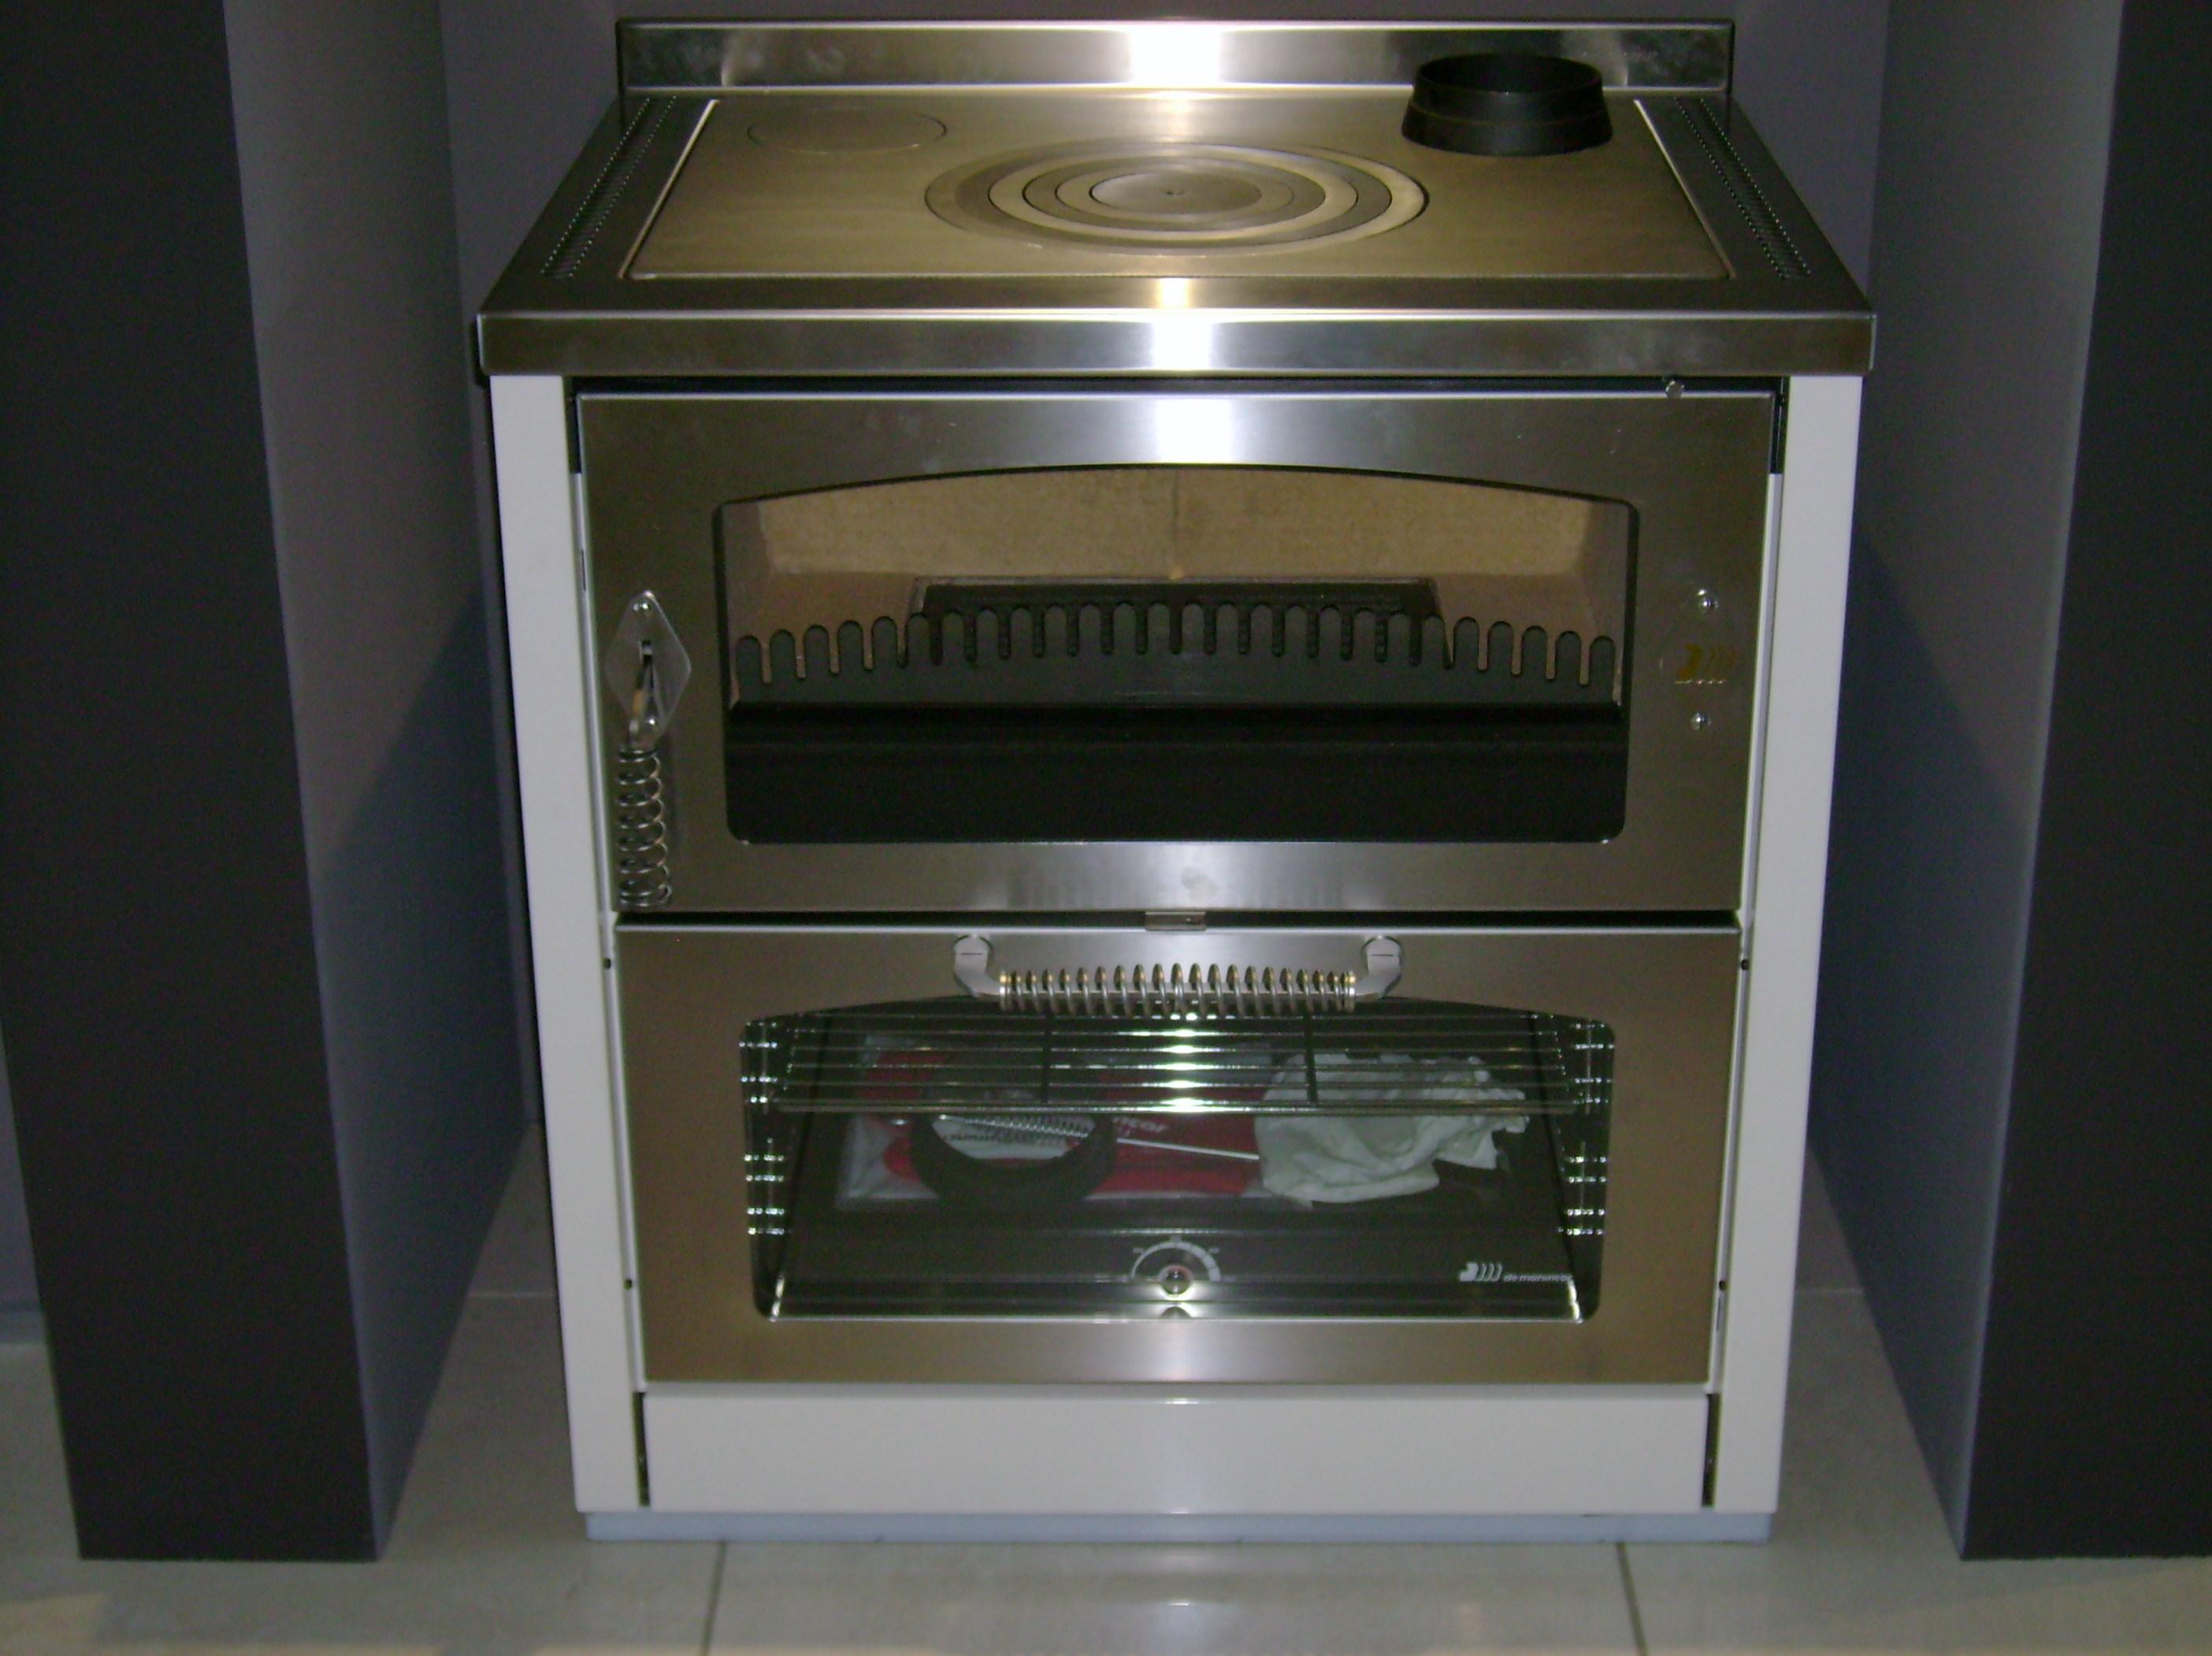 Cucina a legna De Manincor Domino 8 Maxi prezzo | Arredamenti Farolfi